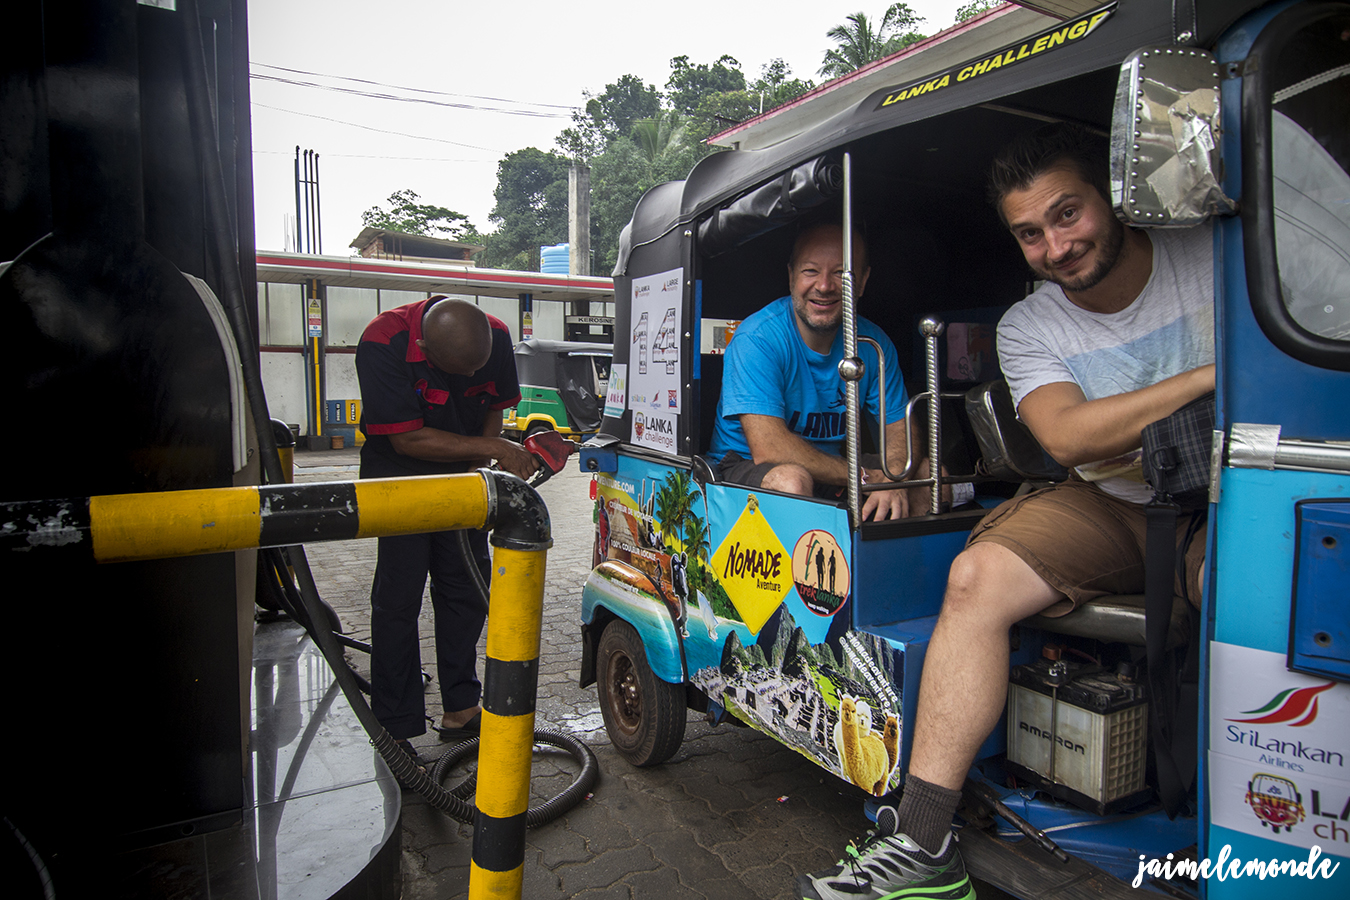 lanka-challenge-2016-avec-nomade-aventure-jaimelemonde-17